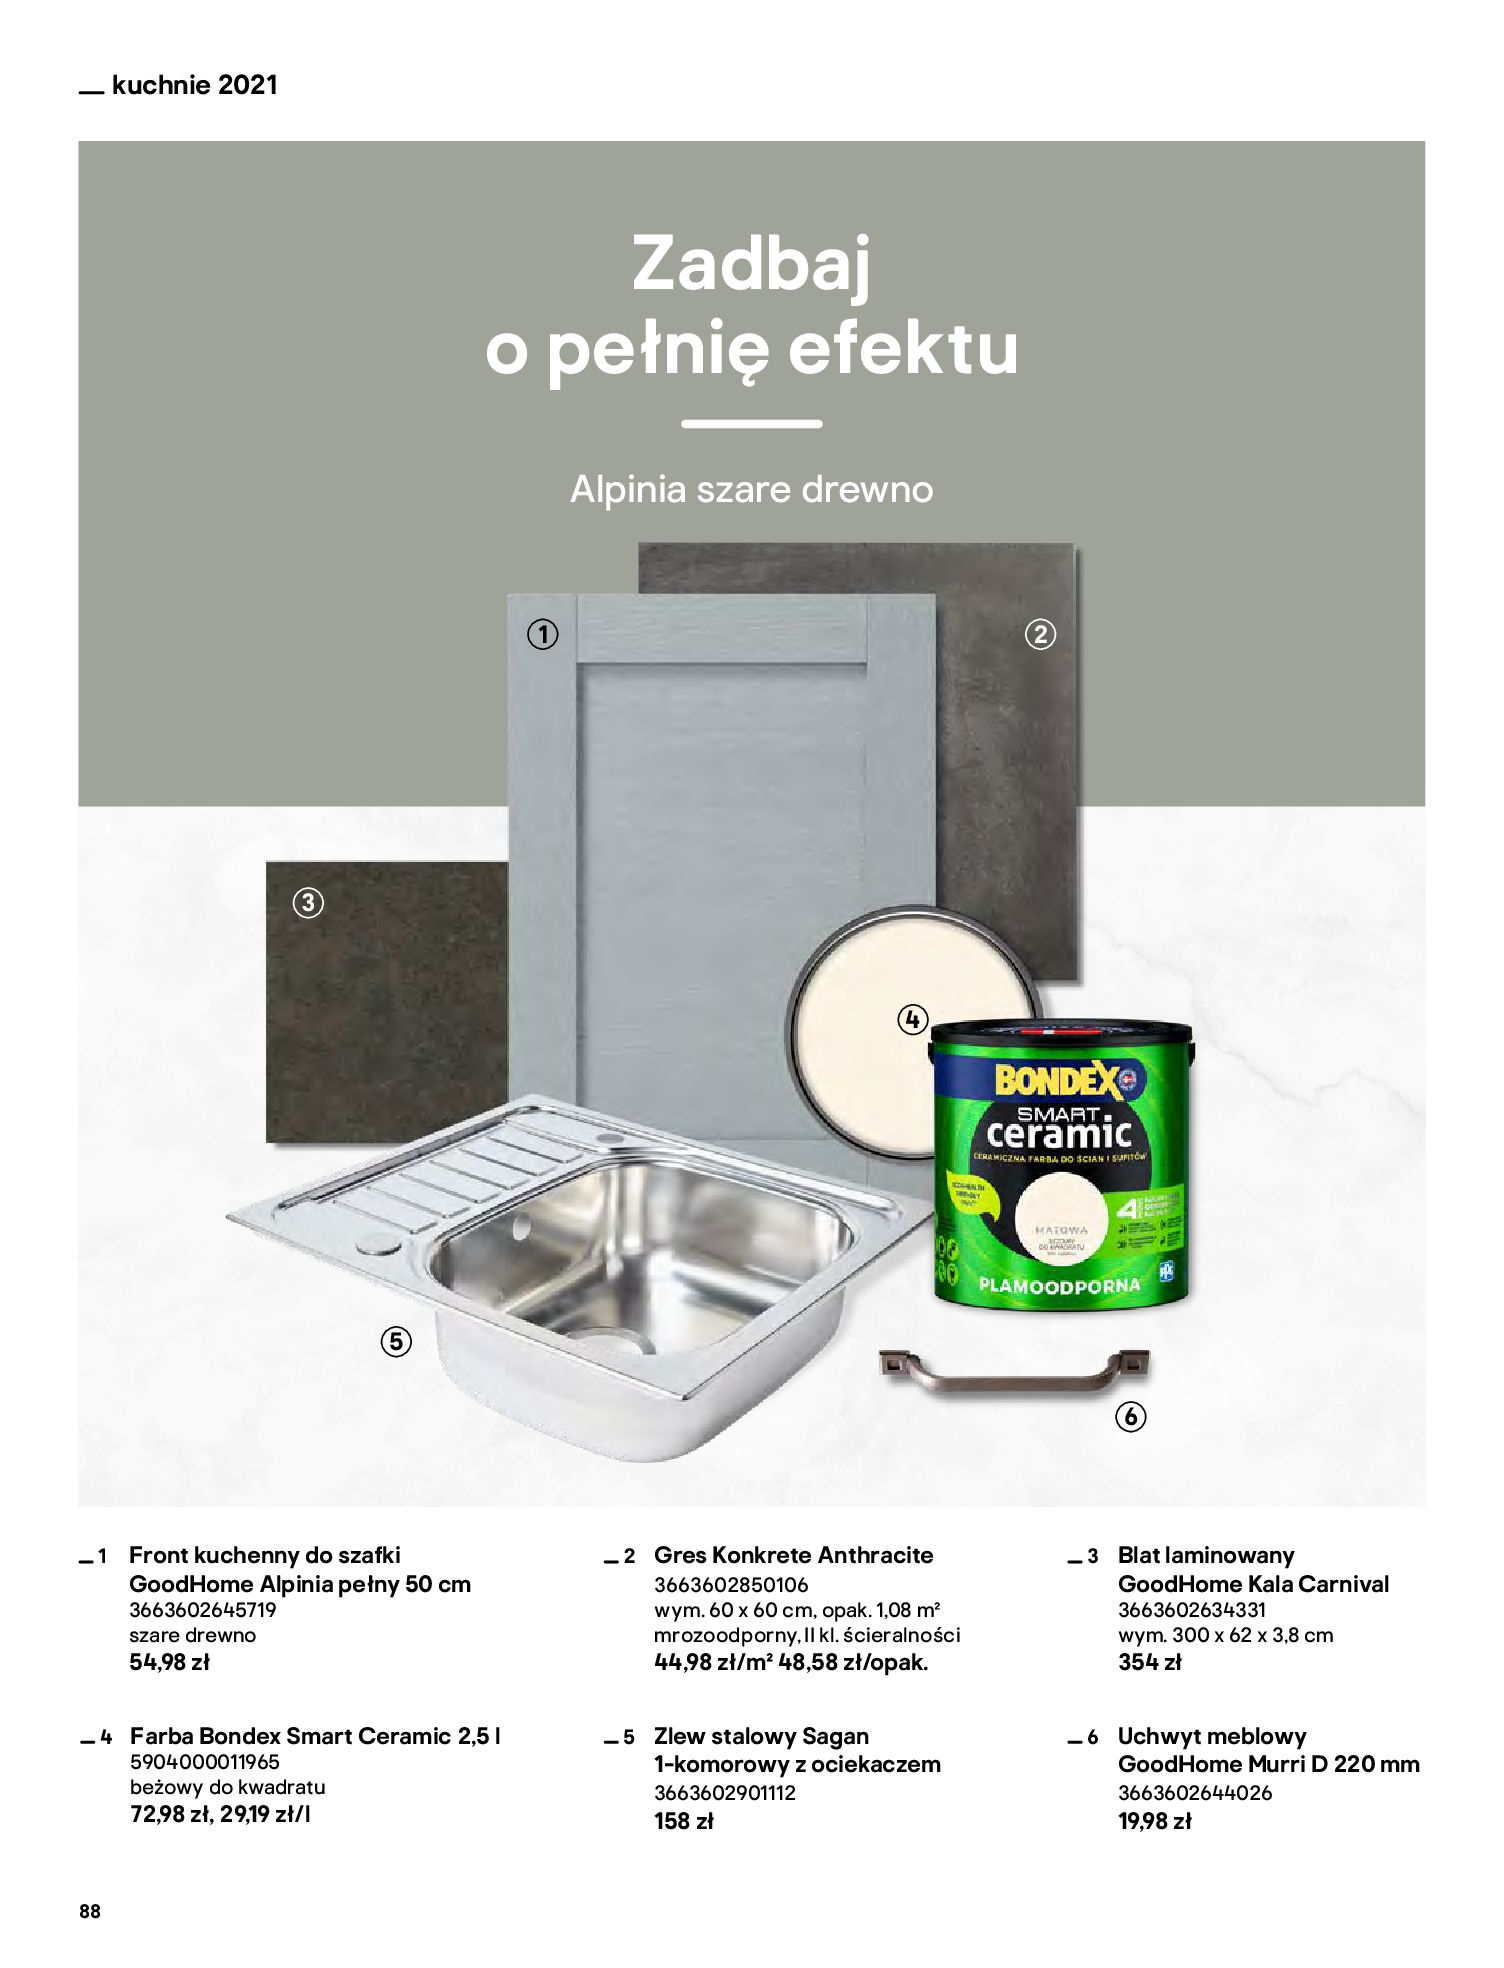 Gazetka Castorama: Katalog kuchnie 2021 2021-05-04 page-88